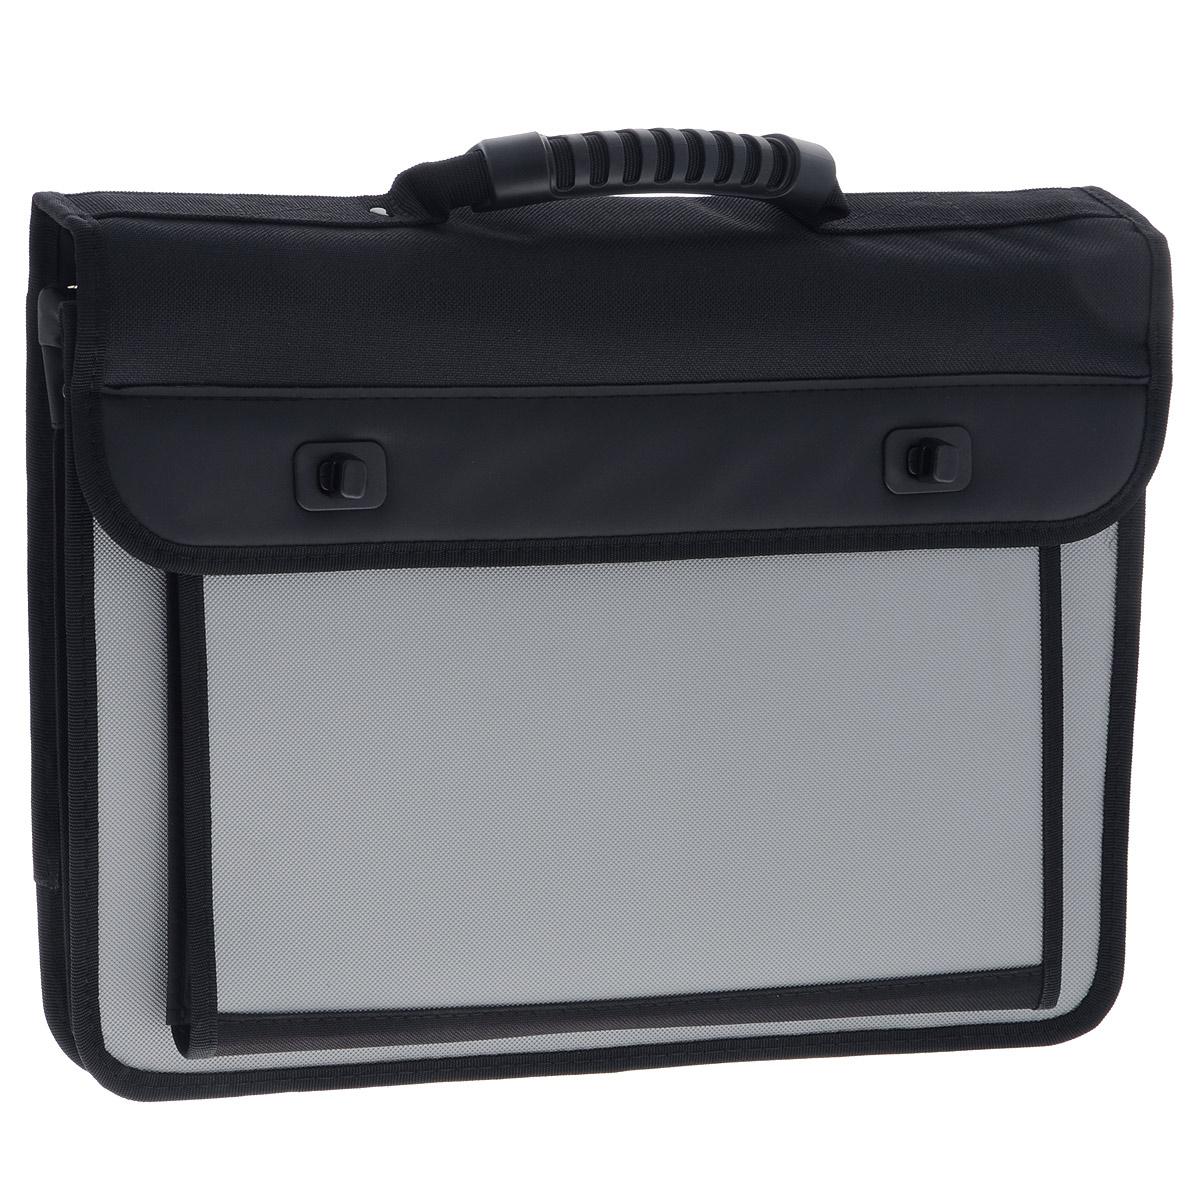 Berlingo Папка-портфель на застежках цвет черный серыйADb_04058Папка-портфель Berlingo - это удобный и практичный офисный инструмент, предназначенный для хранения и транспортировки большого количества рабочих бумаг и документов формата А4. Папка-портфель изготовлена из плотного пластика с зернистым тиснением, оснащена удобной ручкой для переноски, закрывается на клапан с 2 пластиковыми замками. Грани папки имеют мягкую отделку. Папка состоит из 2 отделений, разделенных пластиковым разделителем. Внутри расположены 3 открытых кармана, 3 кармашка для ручек и накладной карман на застежке-молнии. Фронтальная сторона сумки дополнена вместительным карманом, закрывающимся на клапан с липучкой и разграниченный пластиковым разделителем. На тыльной стороне расположен прорезной карман на застежке-молнии. Папка оснащена удобным плечевым ремнем с эргономичной мягкой накладкой. Папка-портфель - это незаменимый атрибут для студента, школьника, офисного работника. Такая папка надежно сохранит ваши документы и сбережет их от повреждений, пыли и...